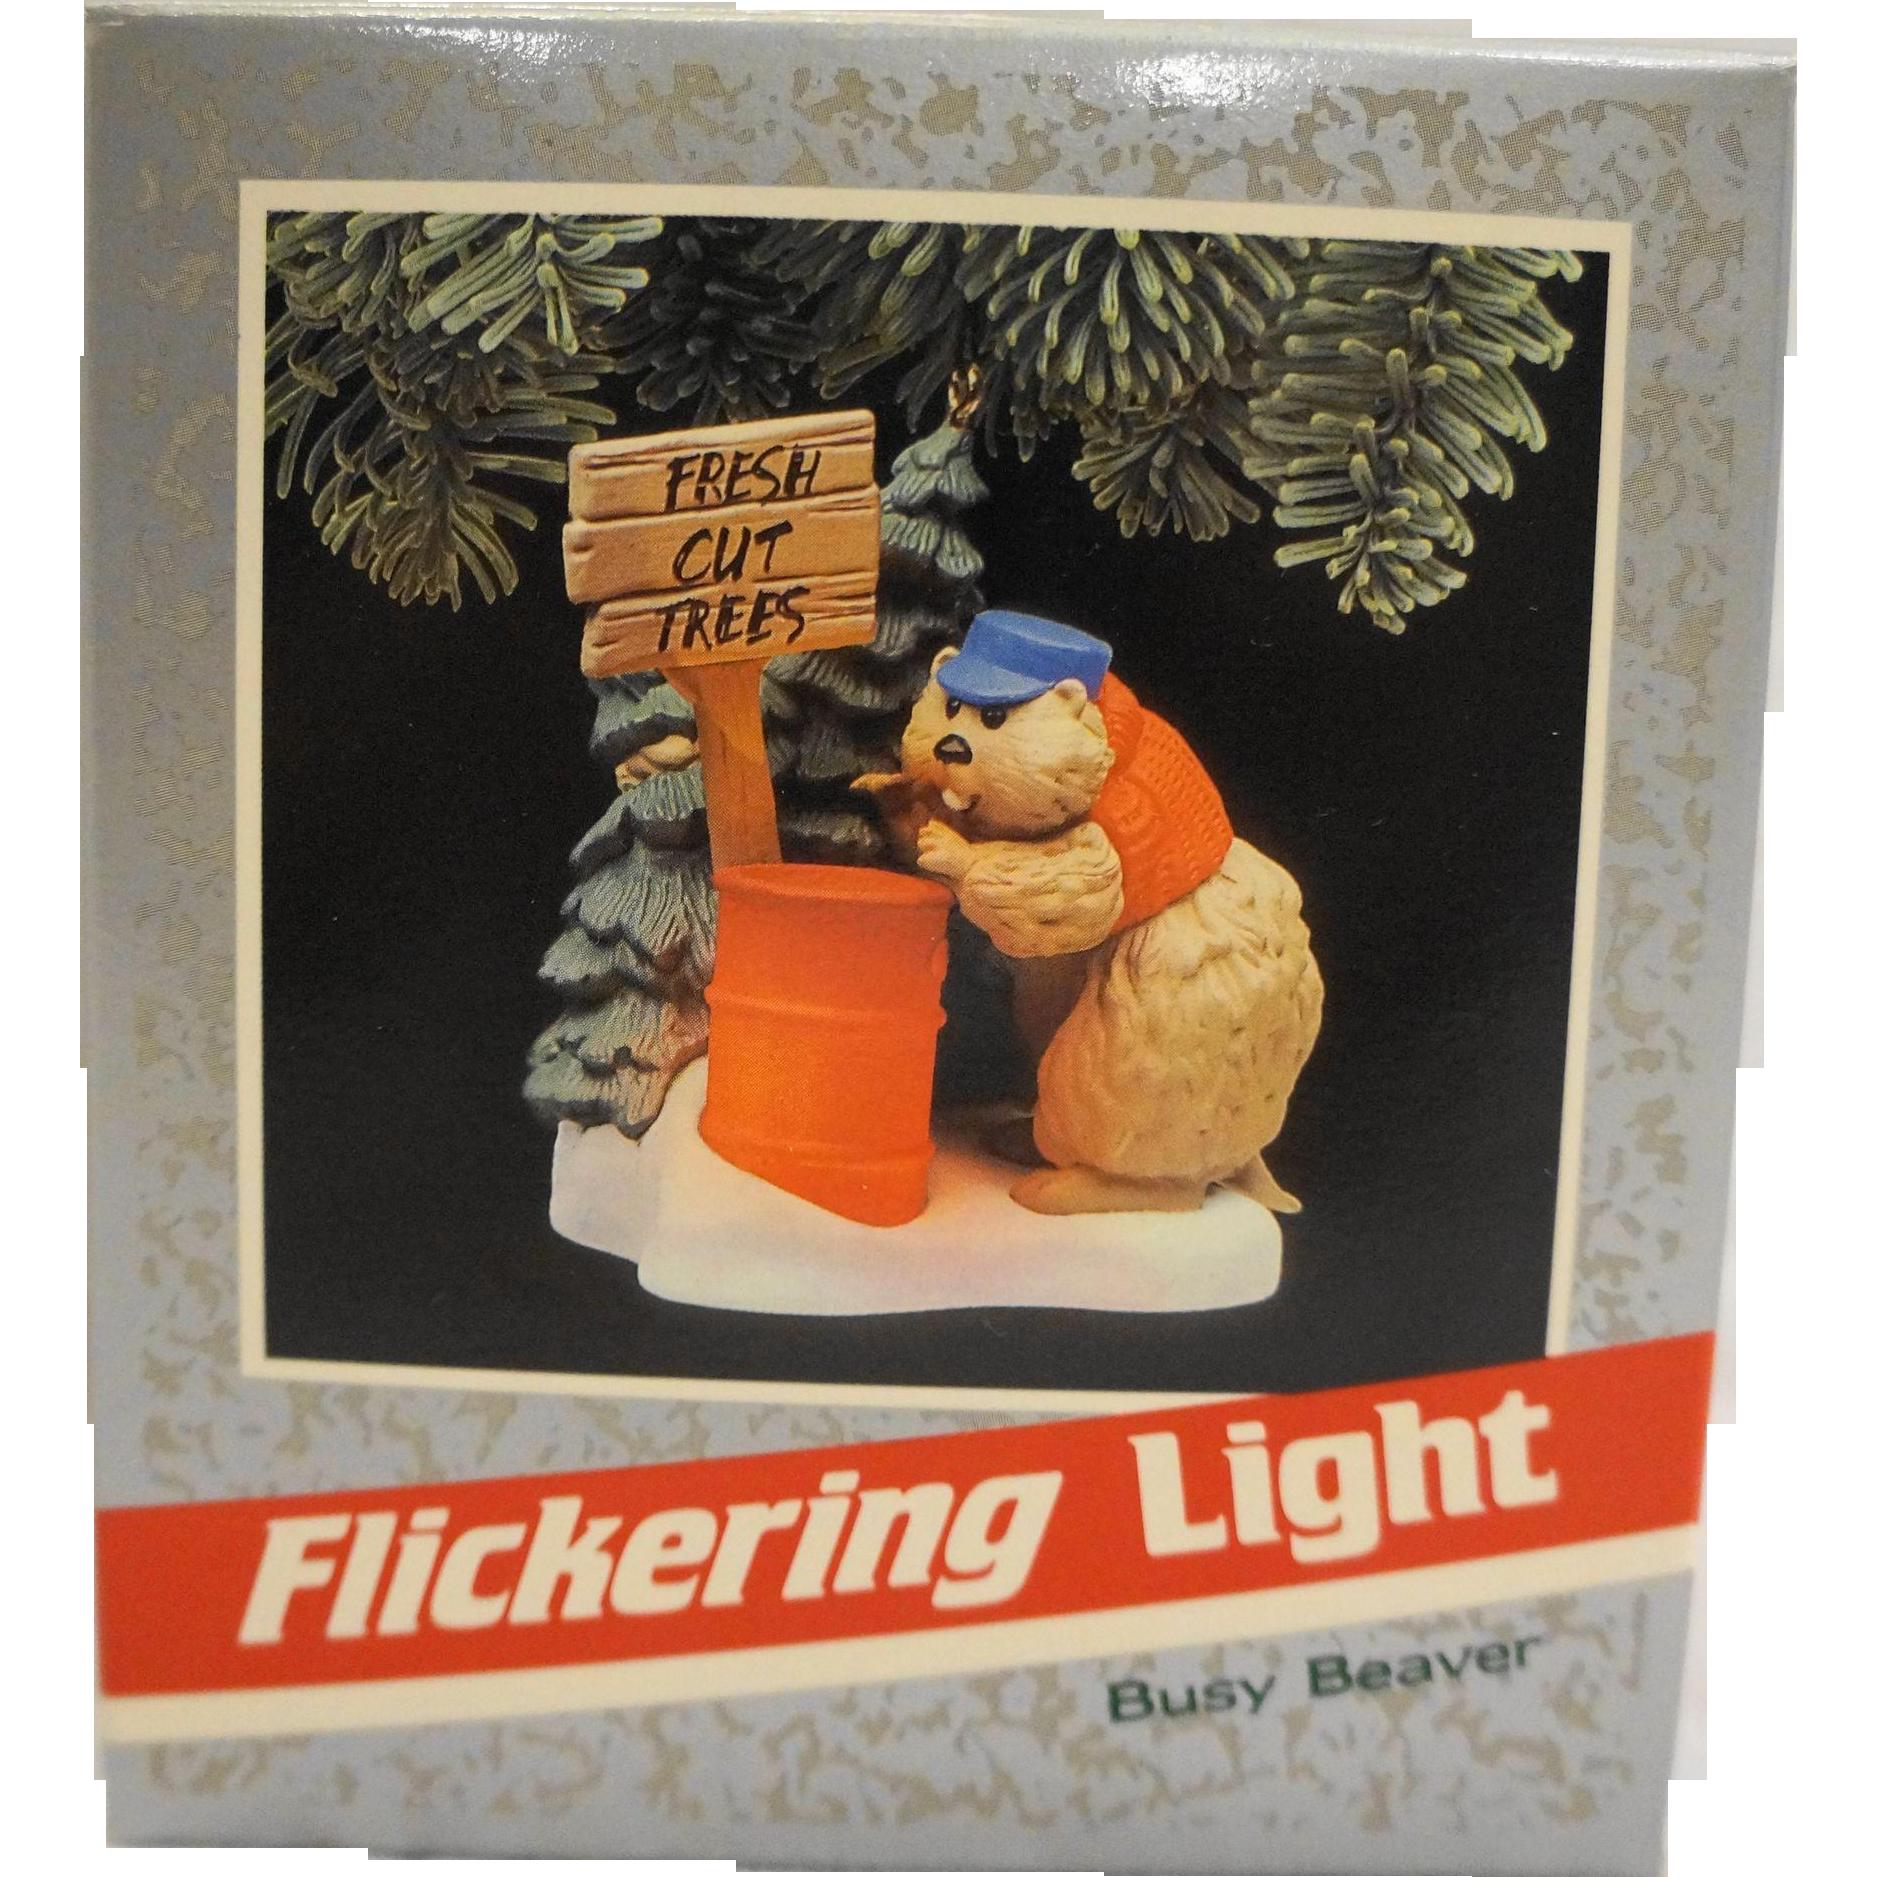 Hallmark Keepsake Magic Ornament Busy Beaver Flickering Lights NIB 1989